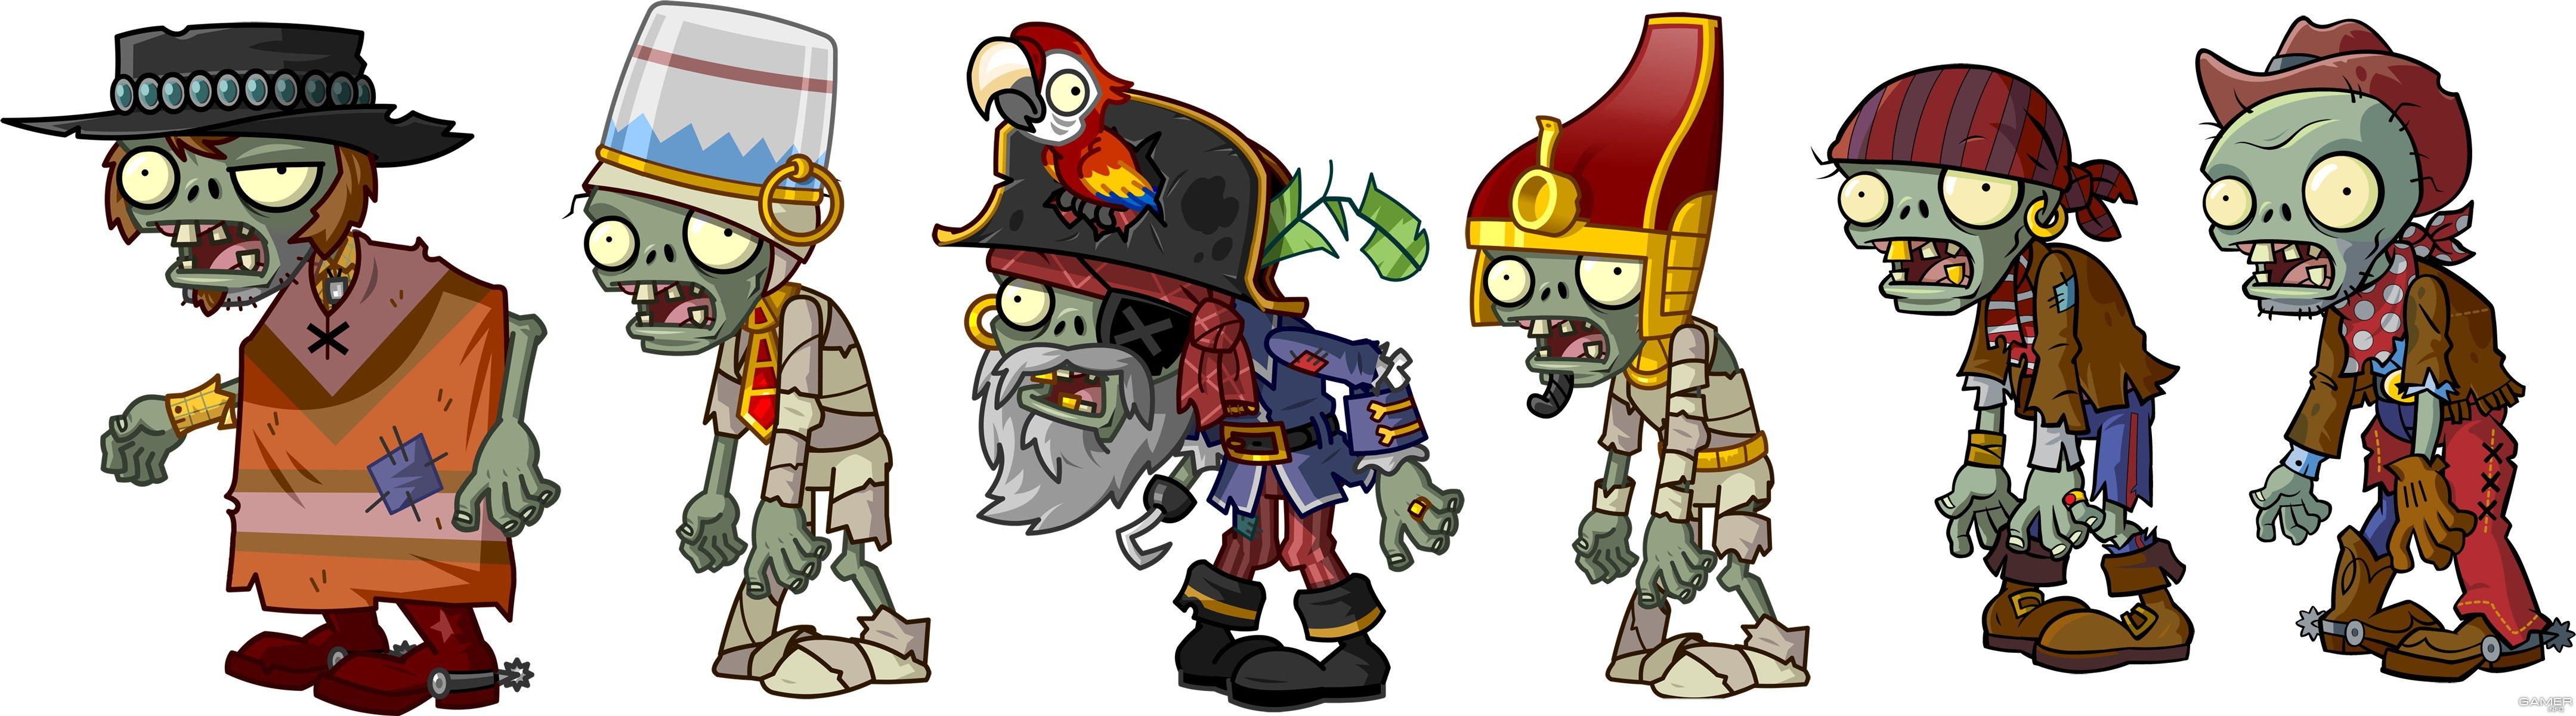 картинки зомби из игры зомби и растения по-настоящему крутыми